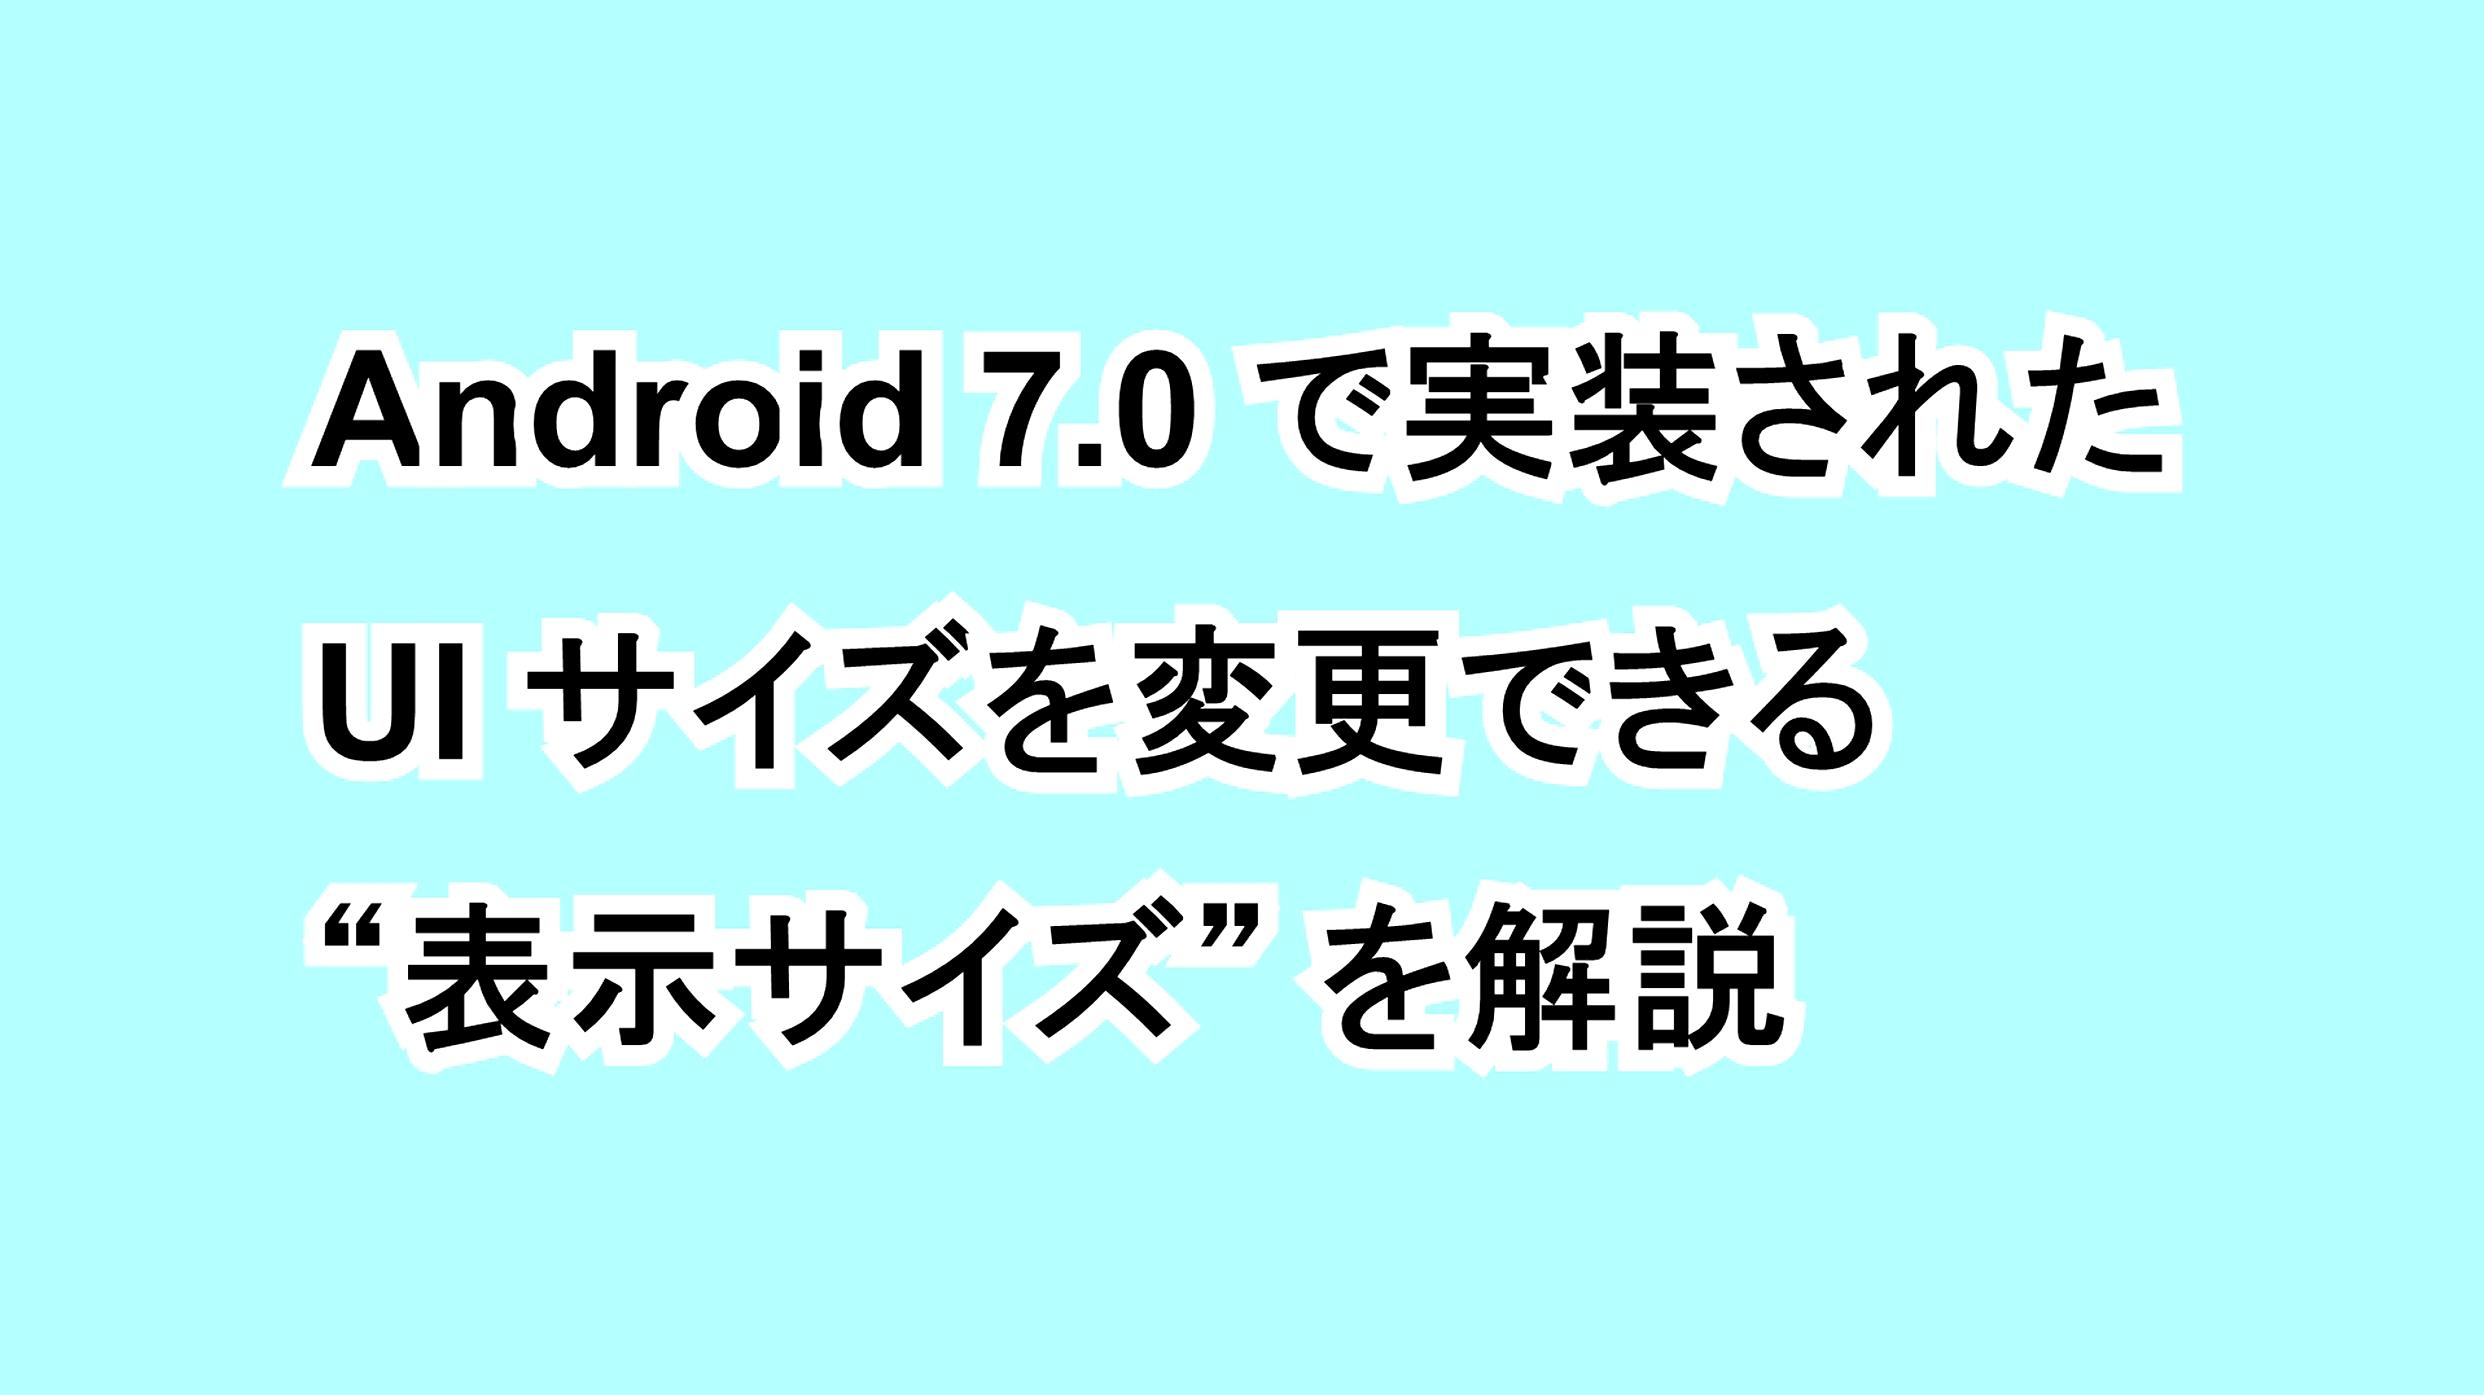 """Android 7.0で実装されたUIサイズを変更できる""""表示サイズ""""を解説"""